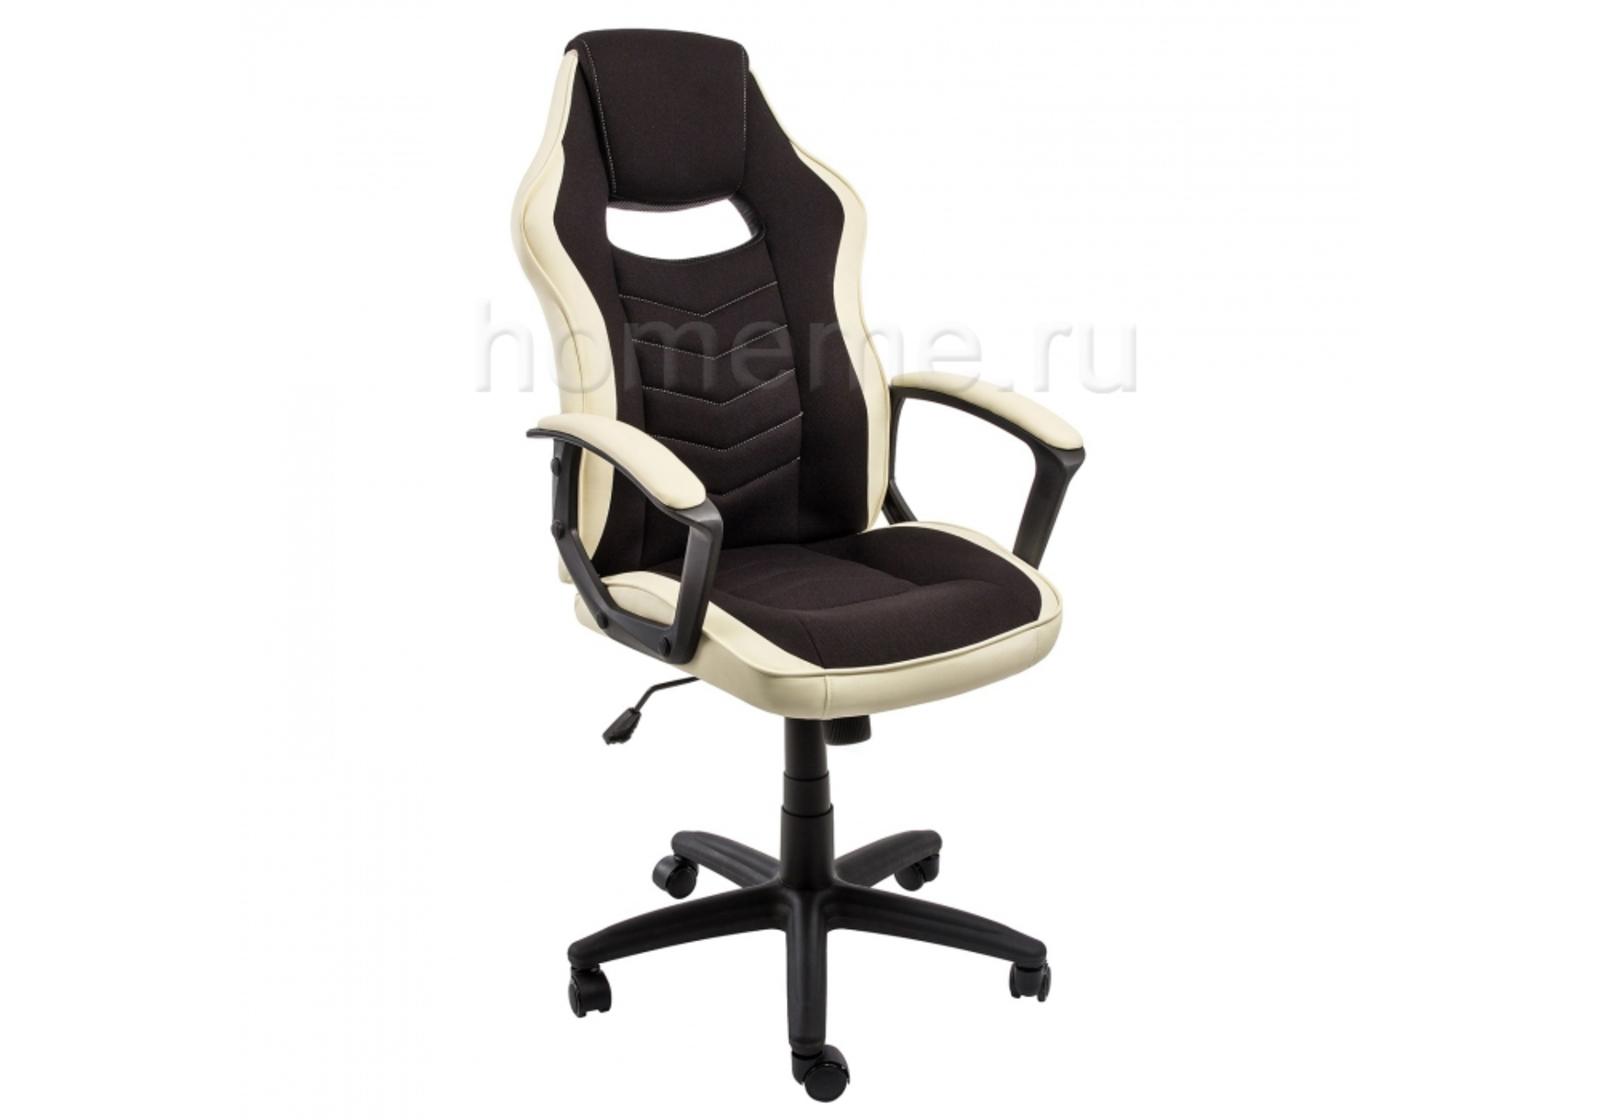 Компьютерное кресло Gamer черное / бежевое 1861 HomeMe